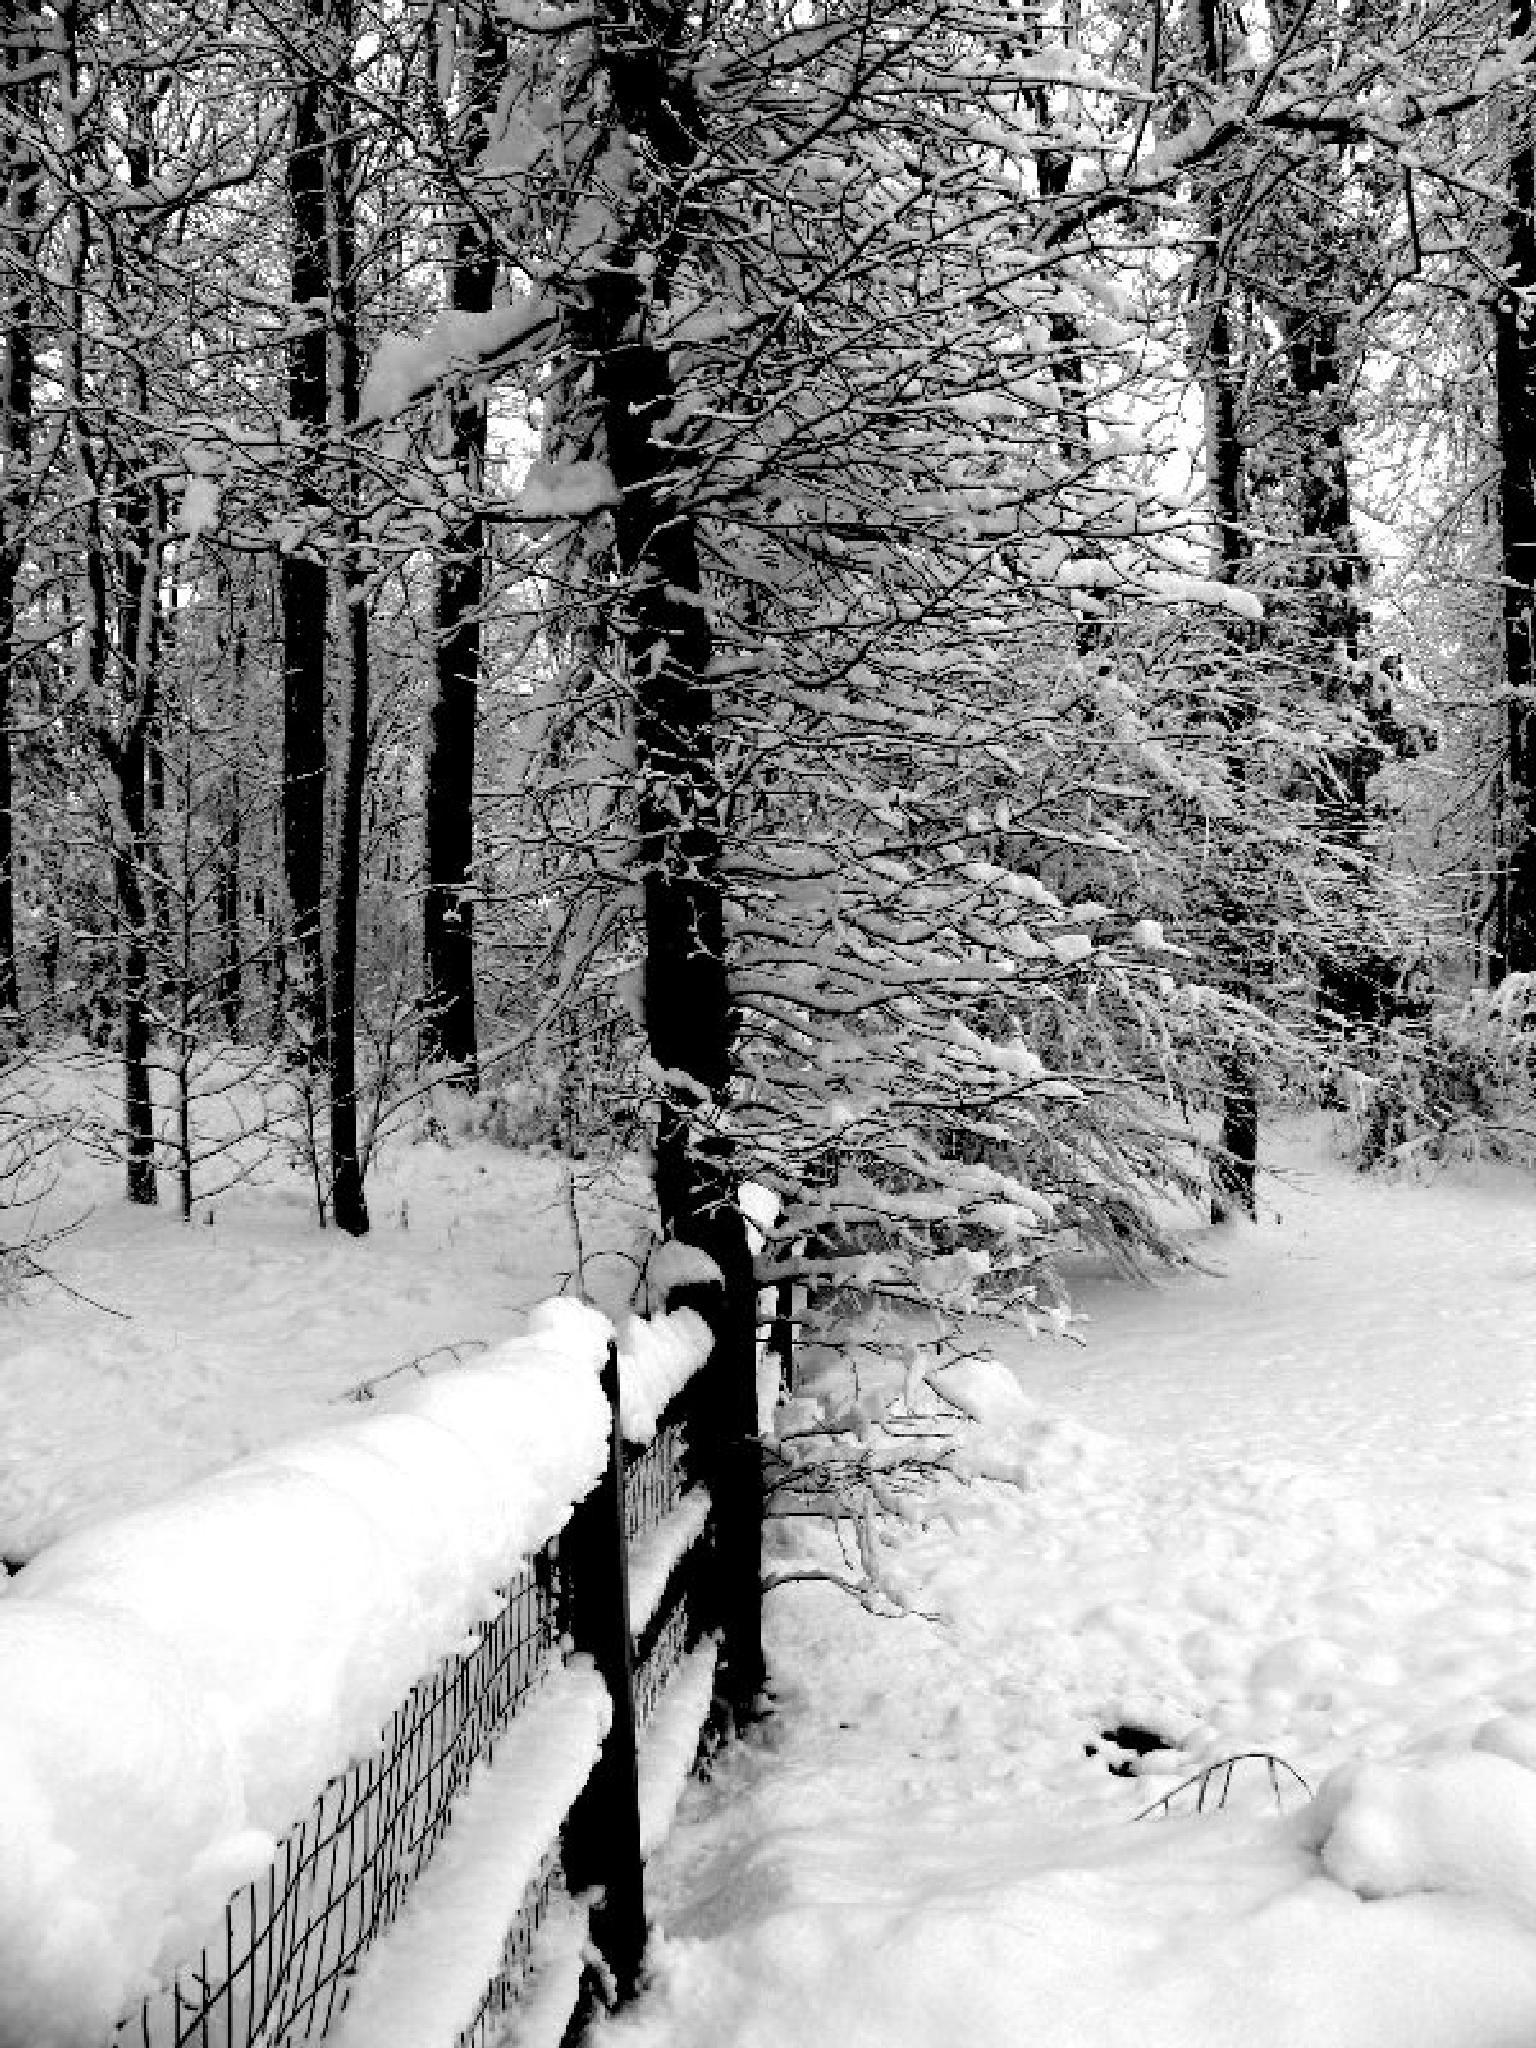 more snow by Tina Falkenbury